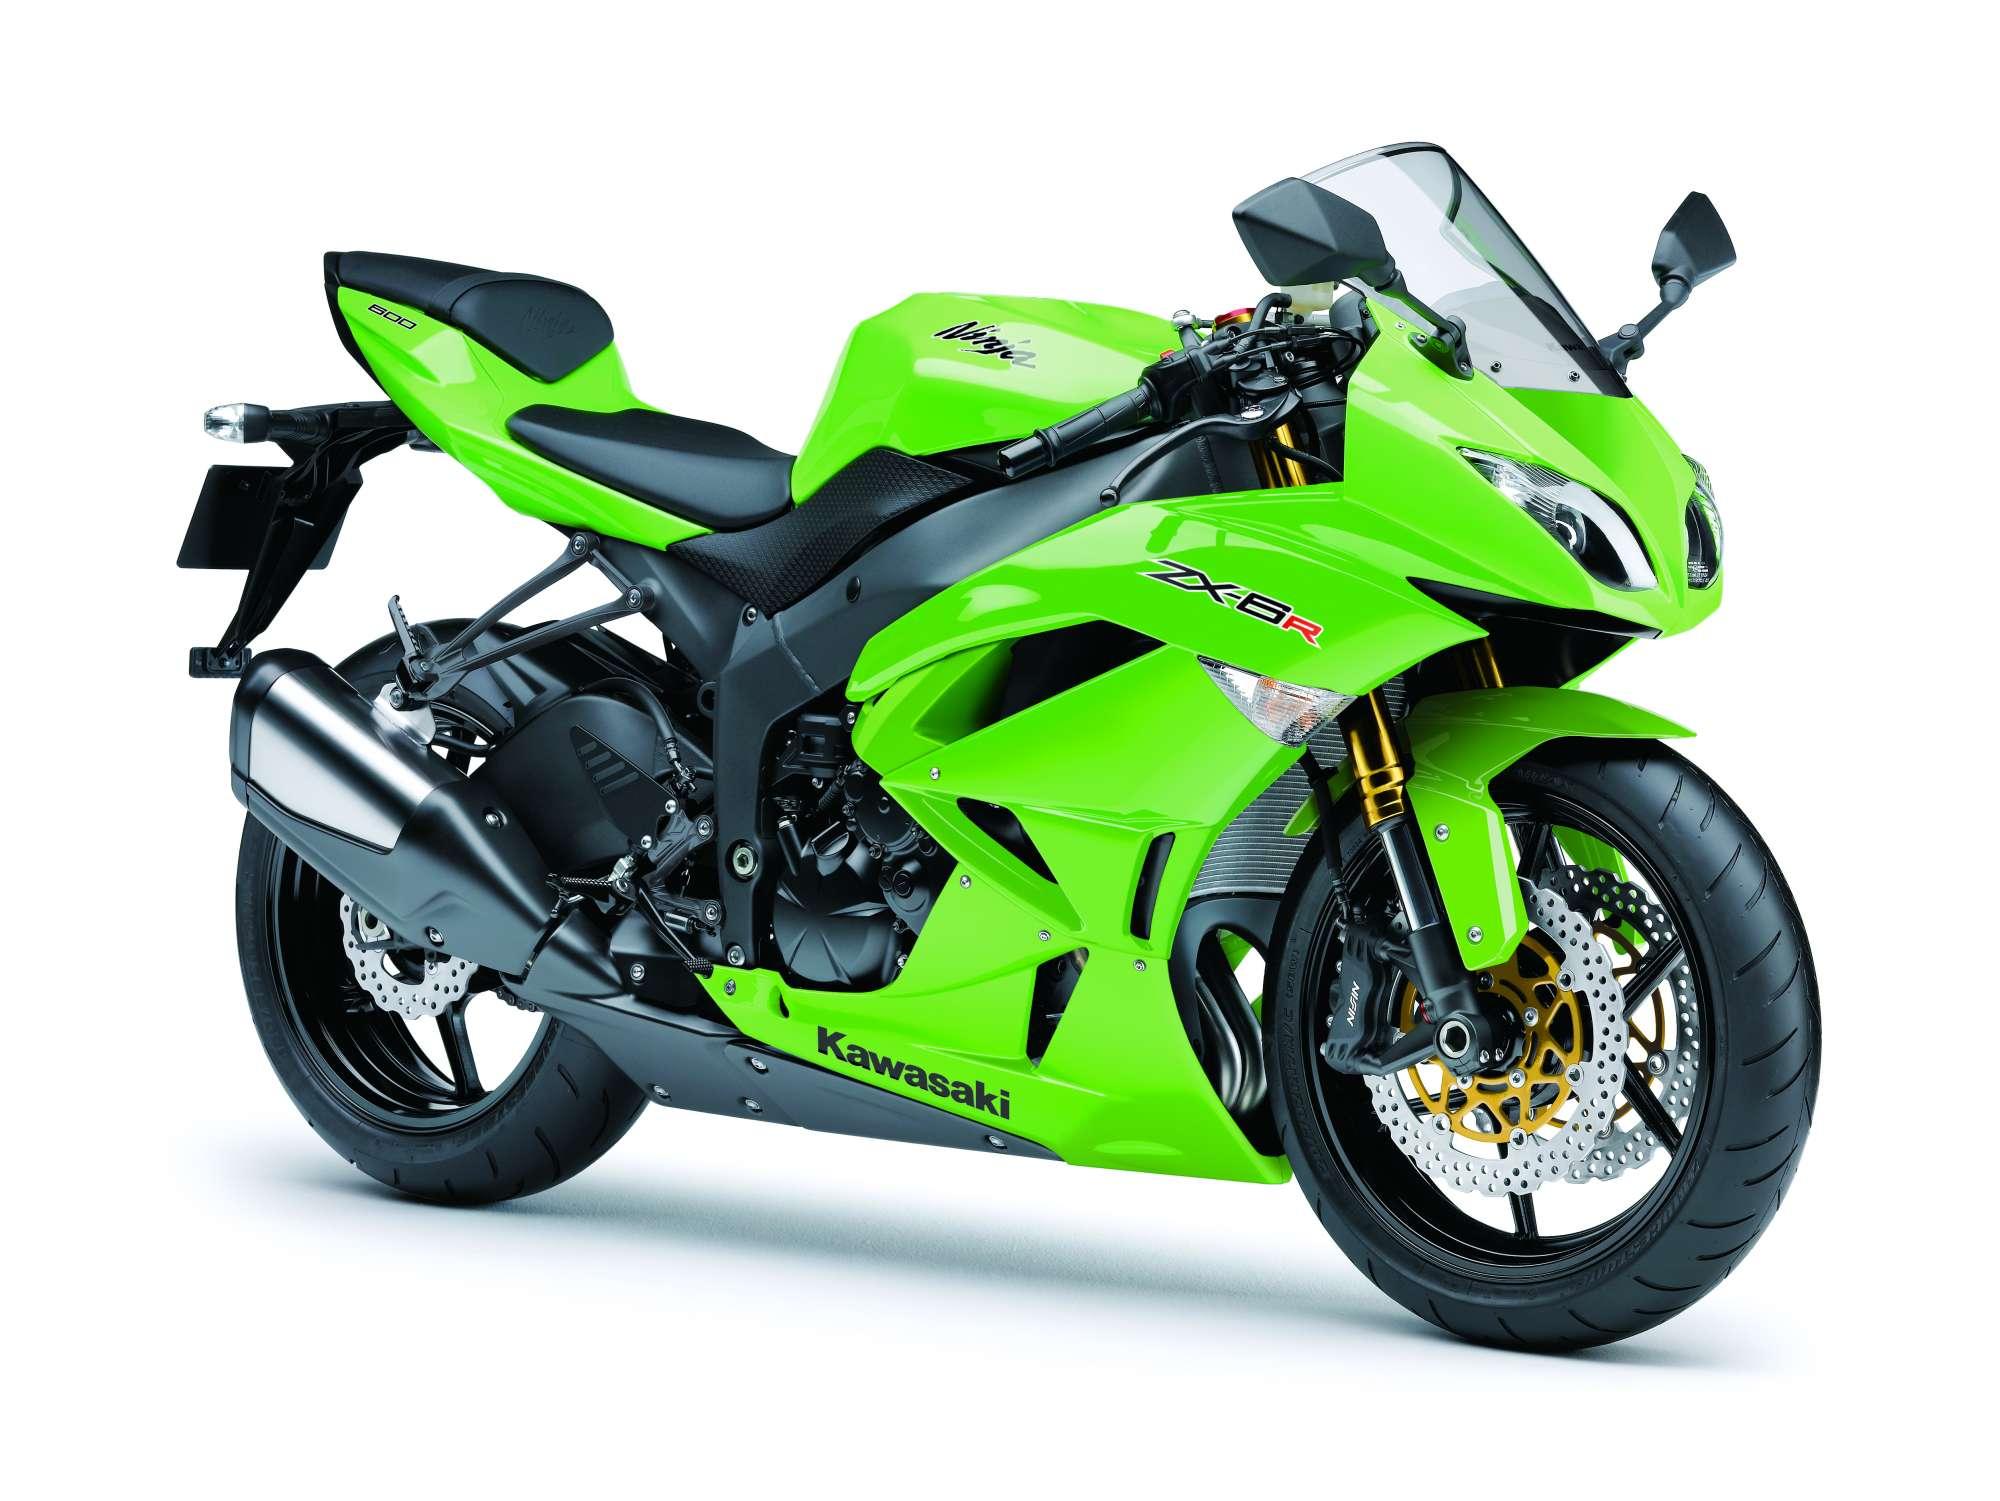 Katalog Sparepart Kawasaki Ninja 250r